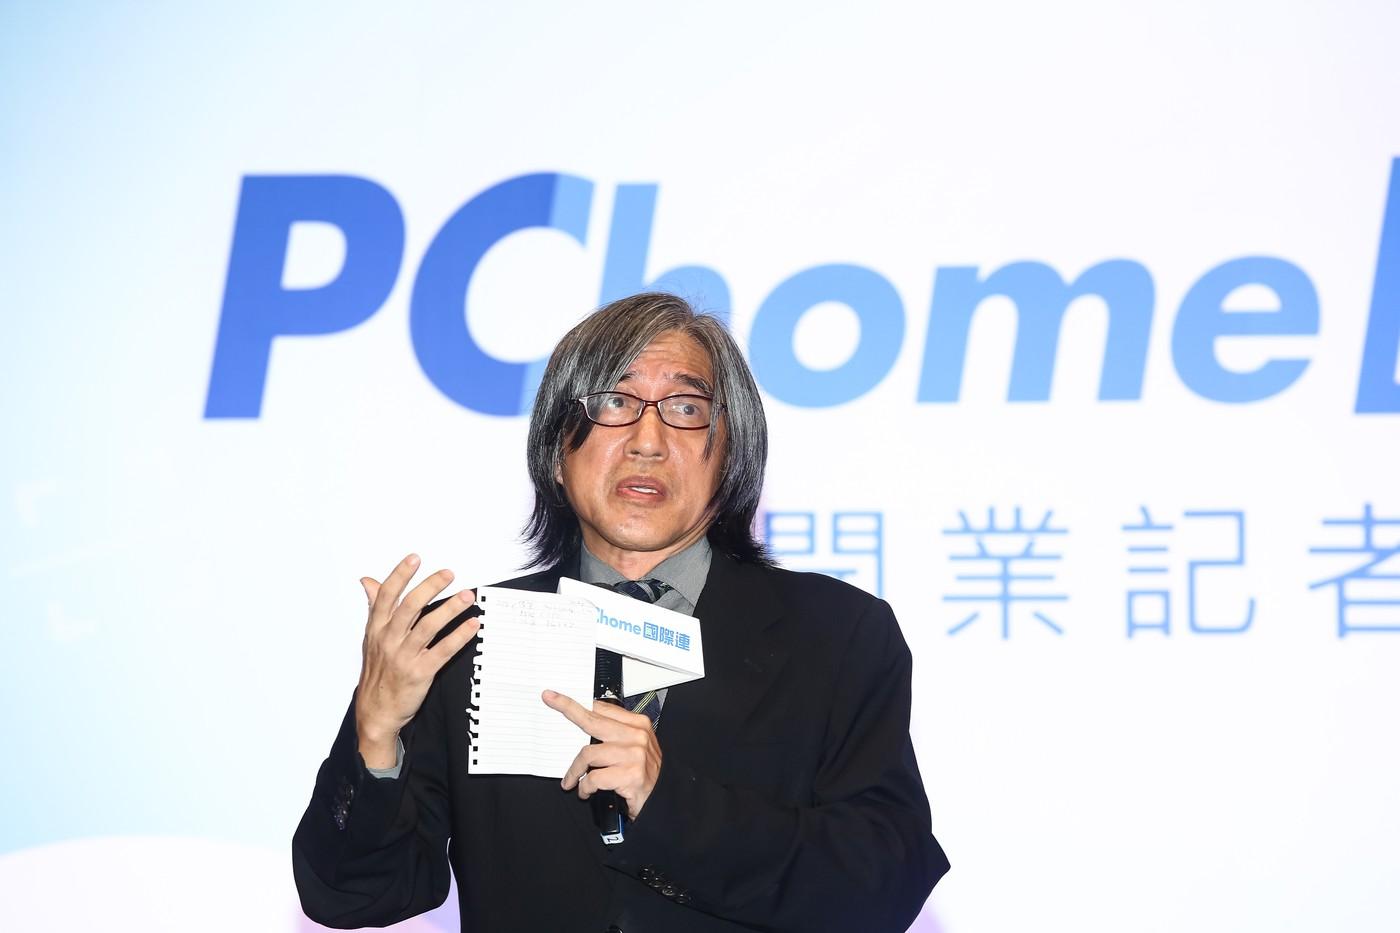 中華郵政智慧物流園區議約前夕生變,PChome詹宏志:交通部和行政院不要做愚蠢的事